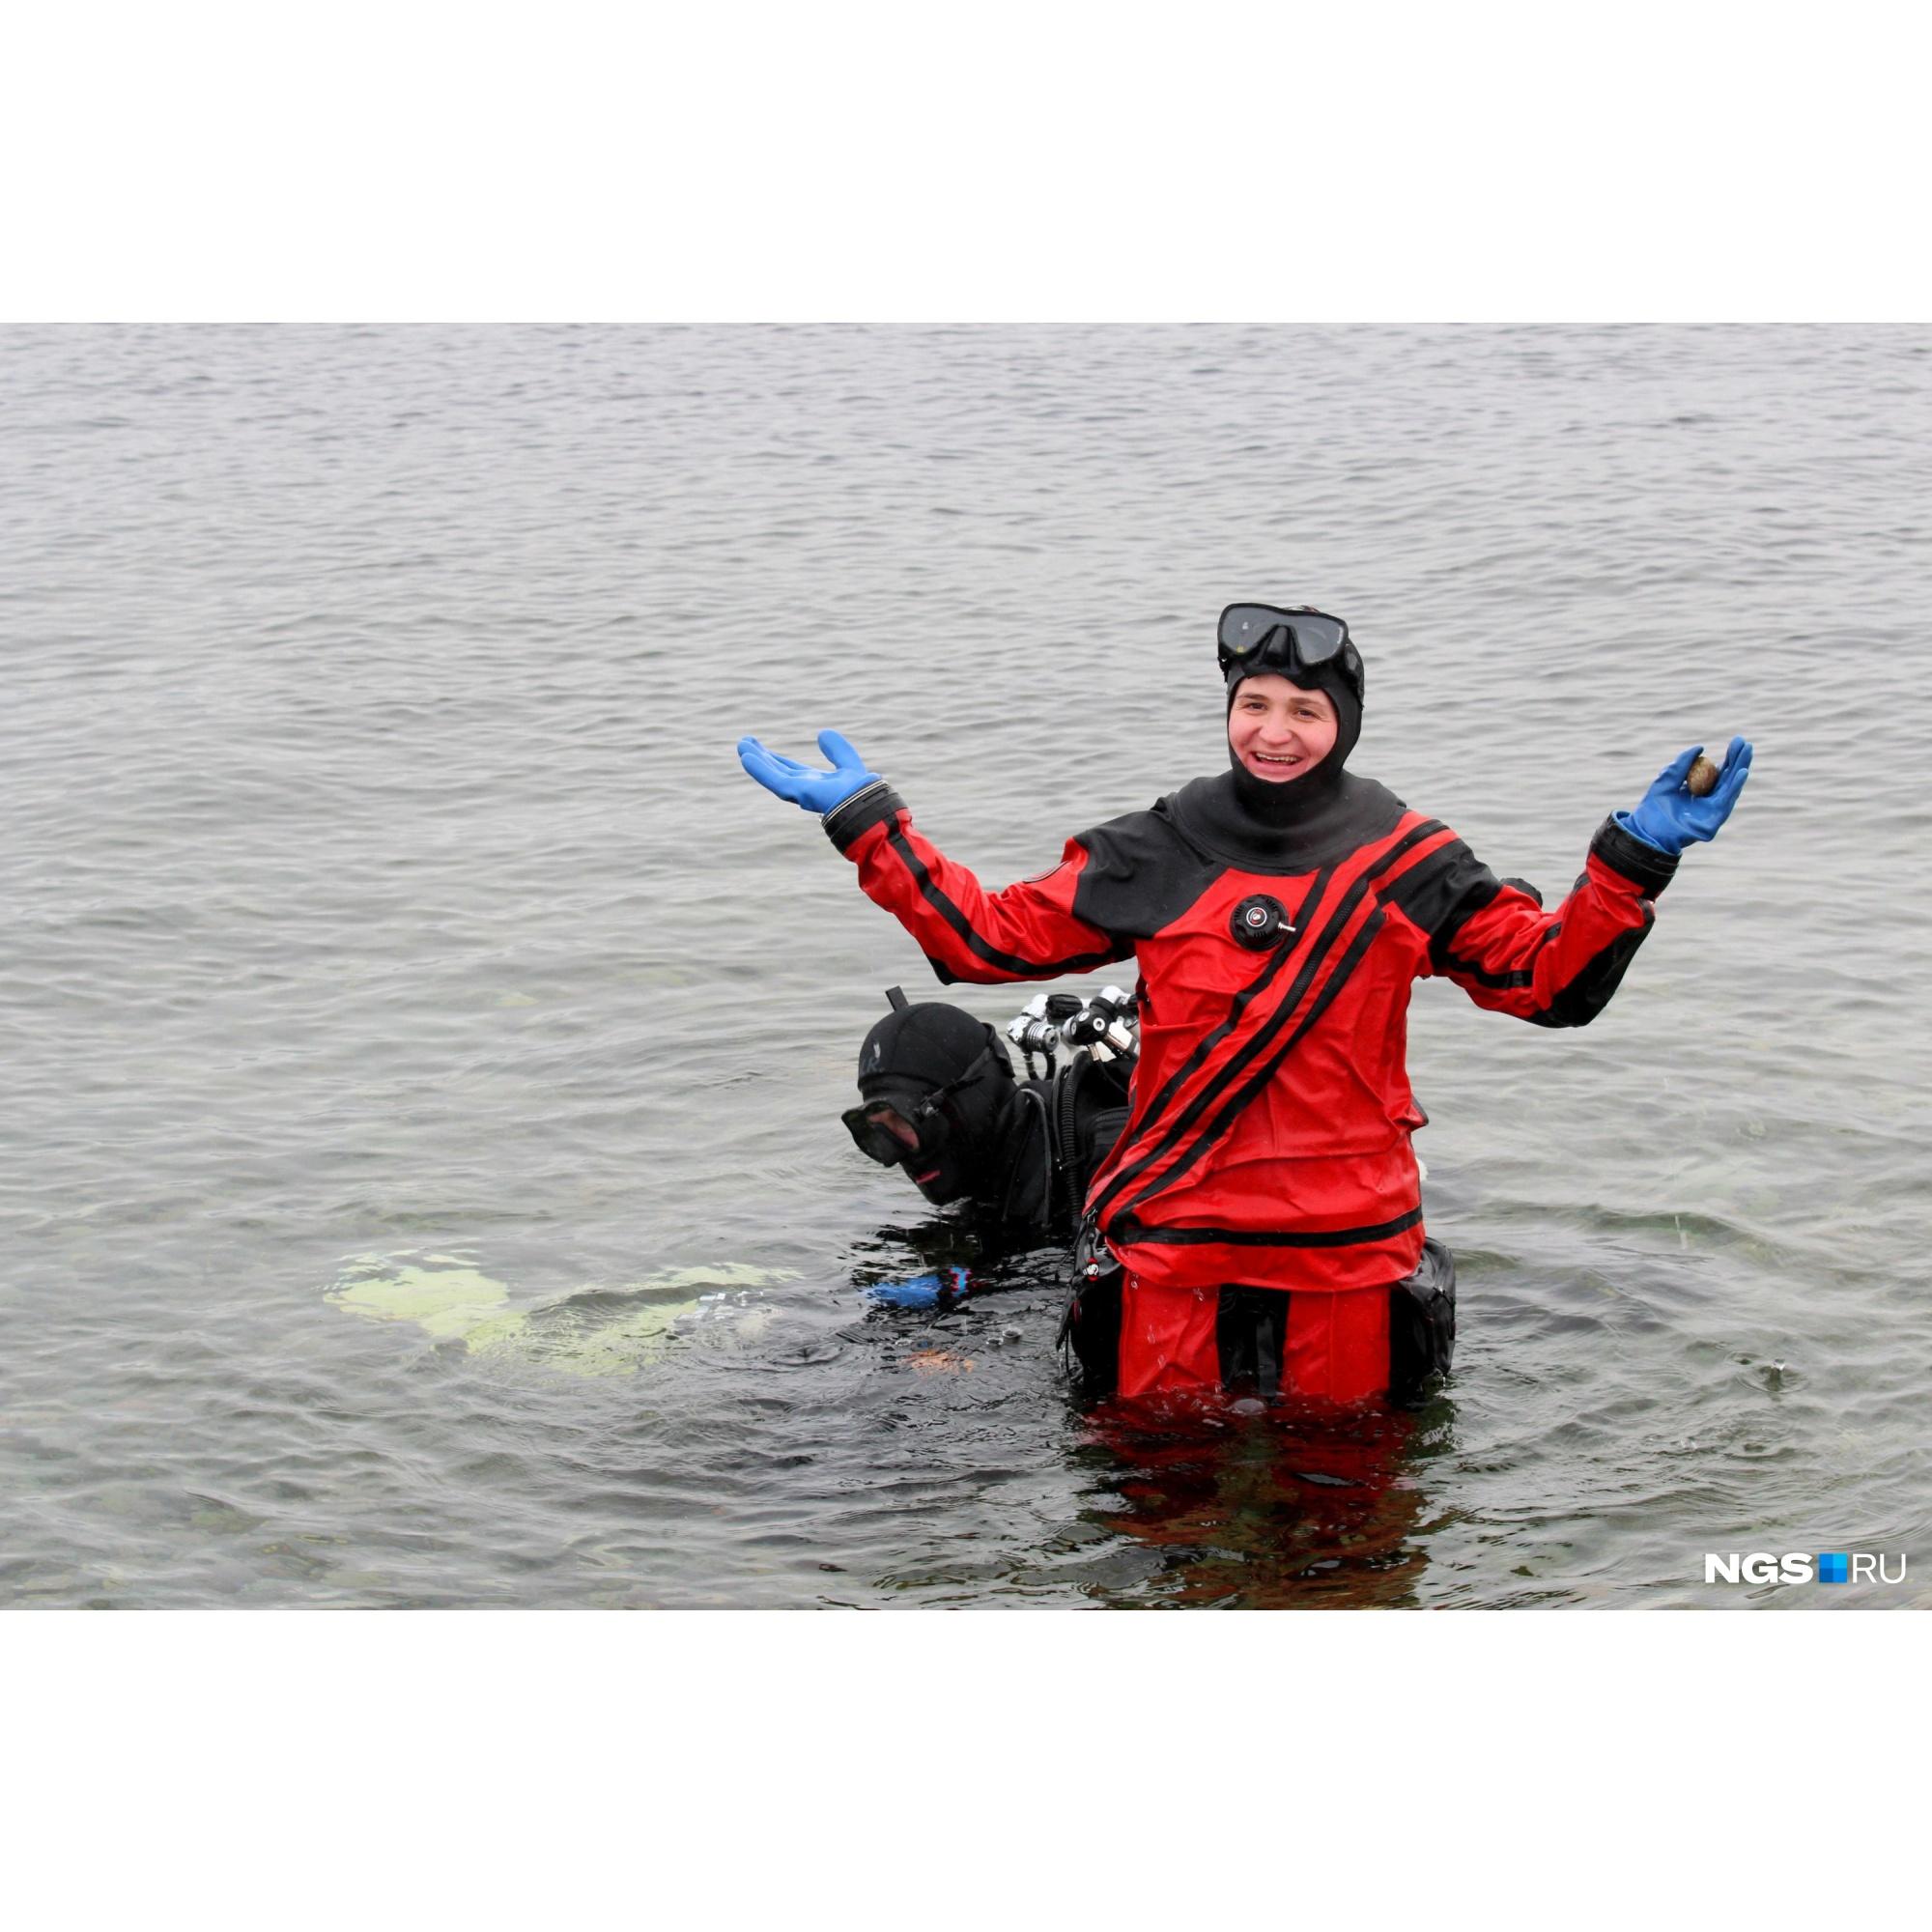 Погрузиться в Телецкое озеро можно даже начинающим, но лучше делать это имея хотя бы минимальную подготовку